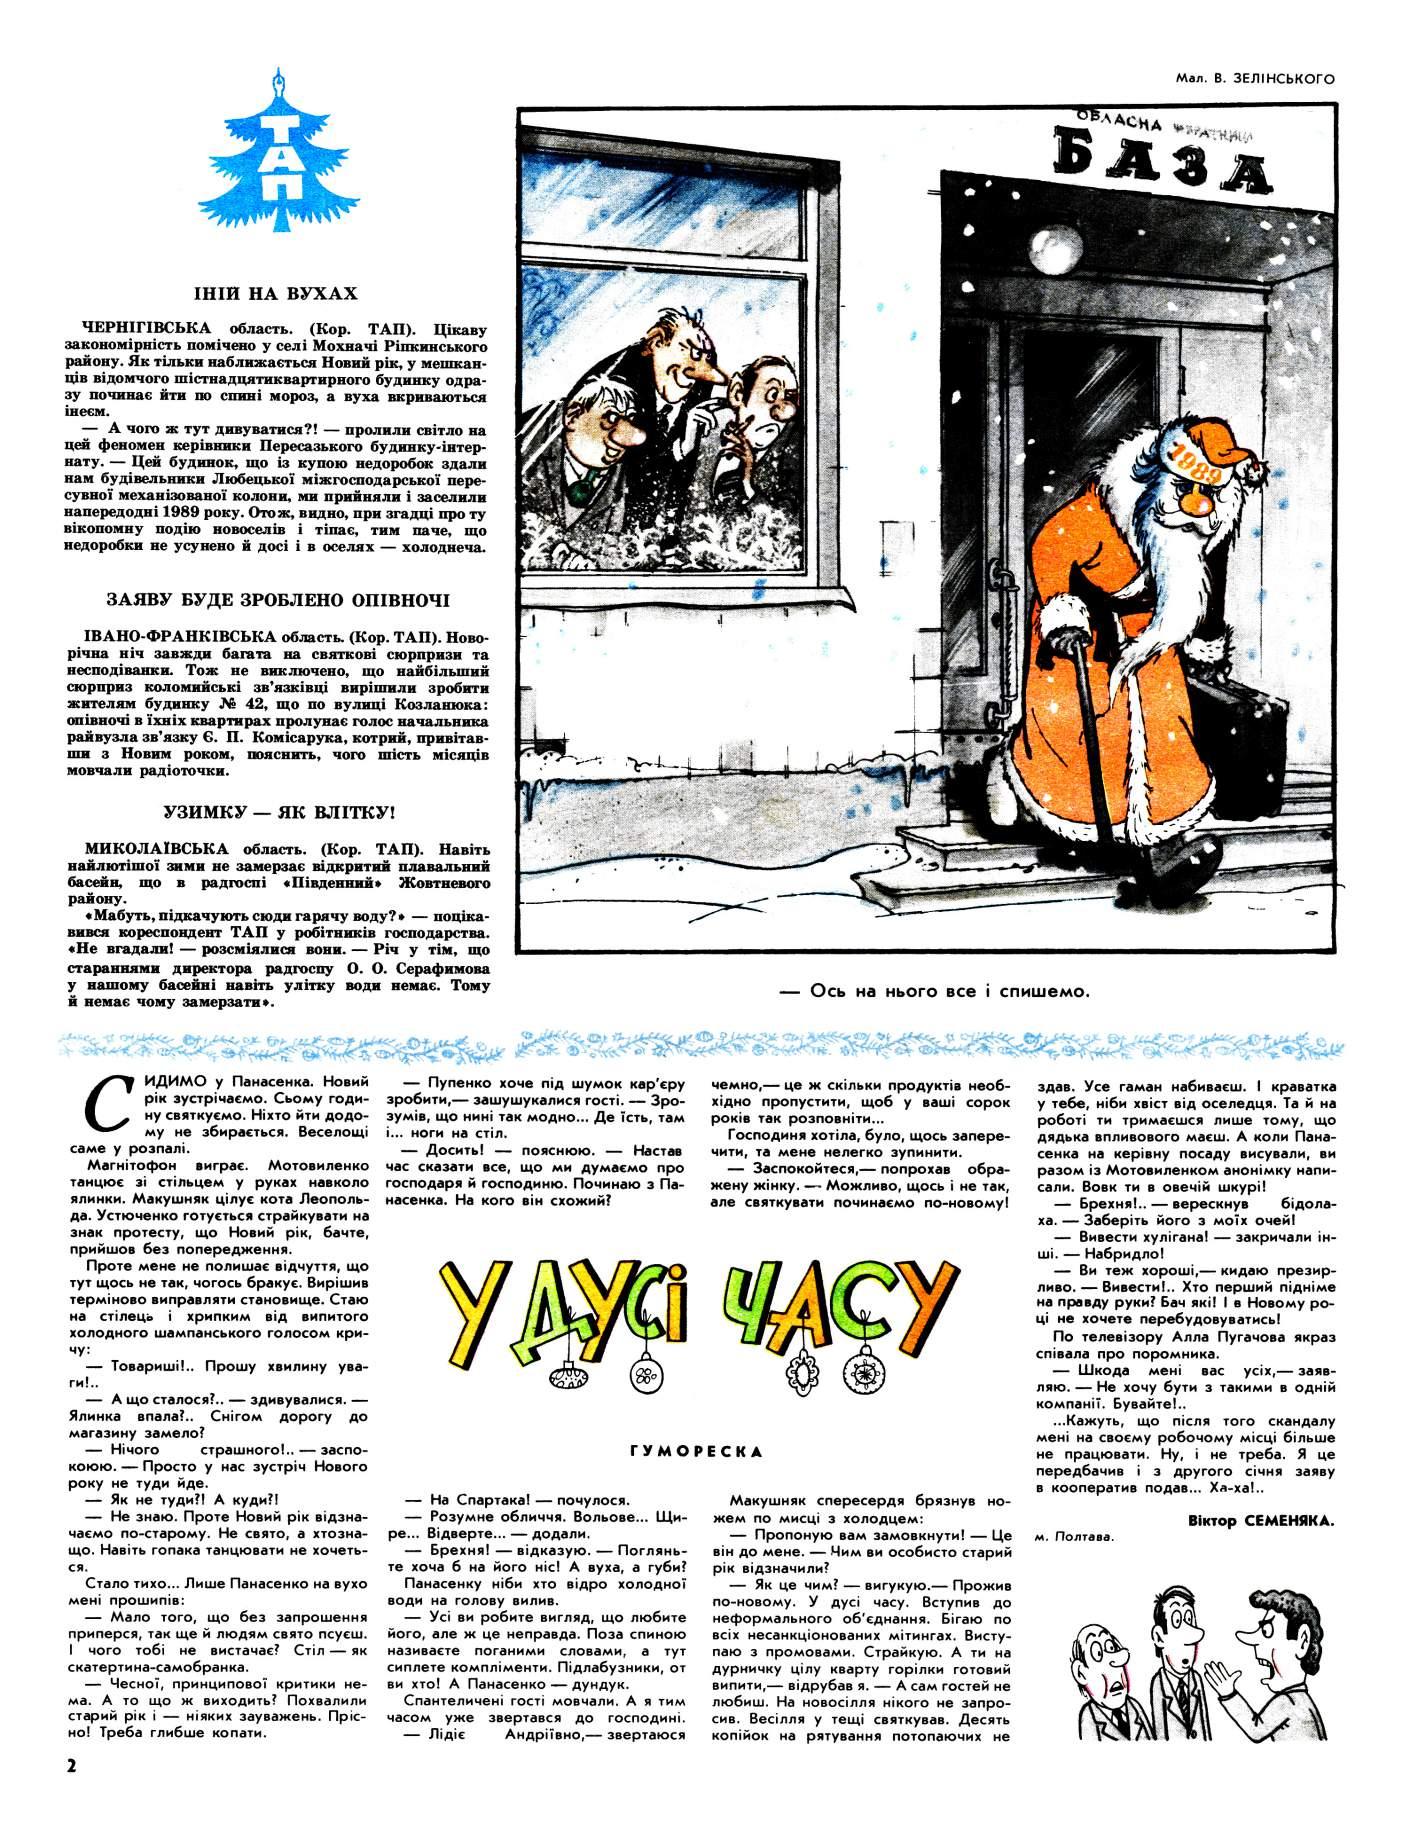 Журнал перець 1989 №24